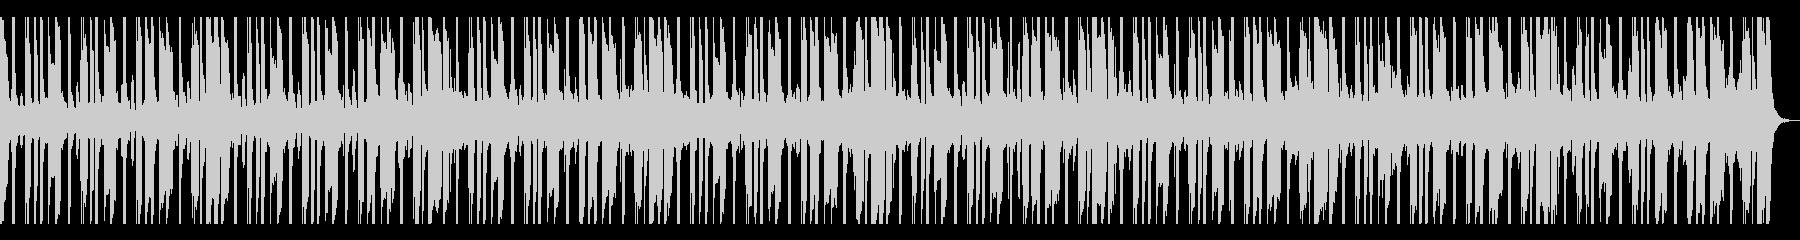 【短いVer12】スローファンクロックの未再生の波形